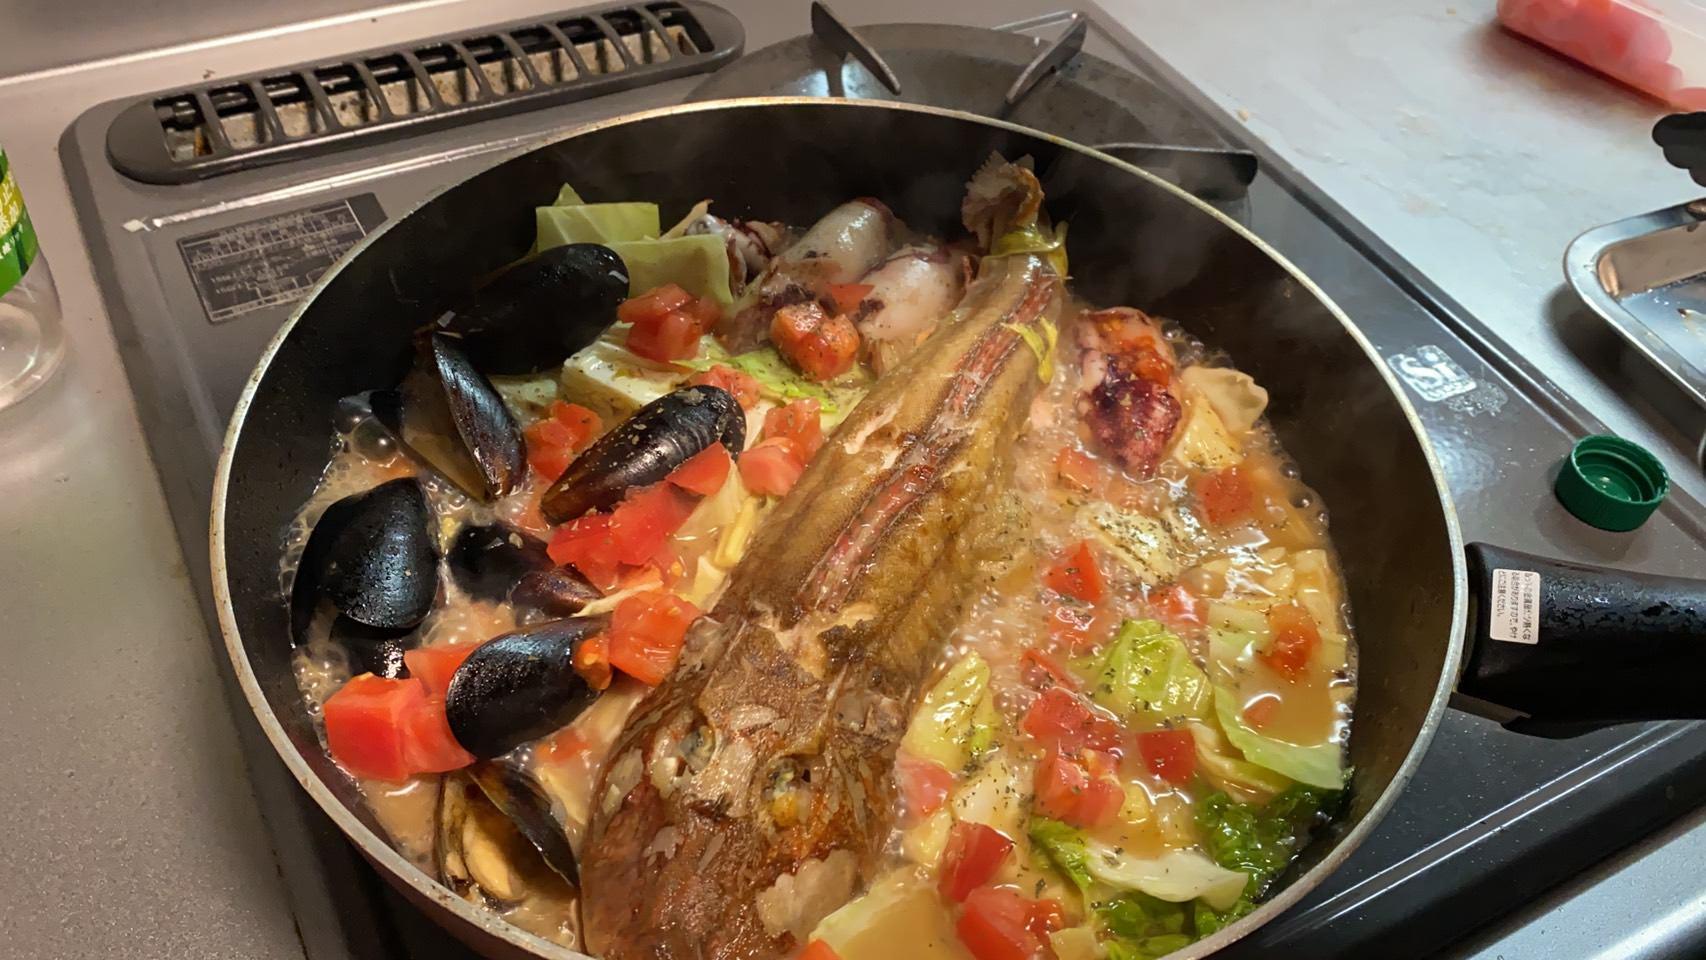 トマトを入れて煮立たせている様子の画像です